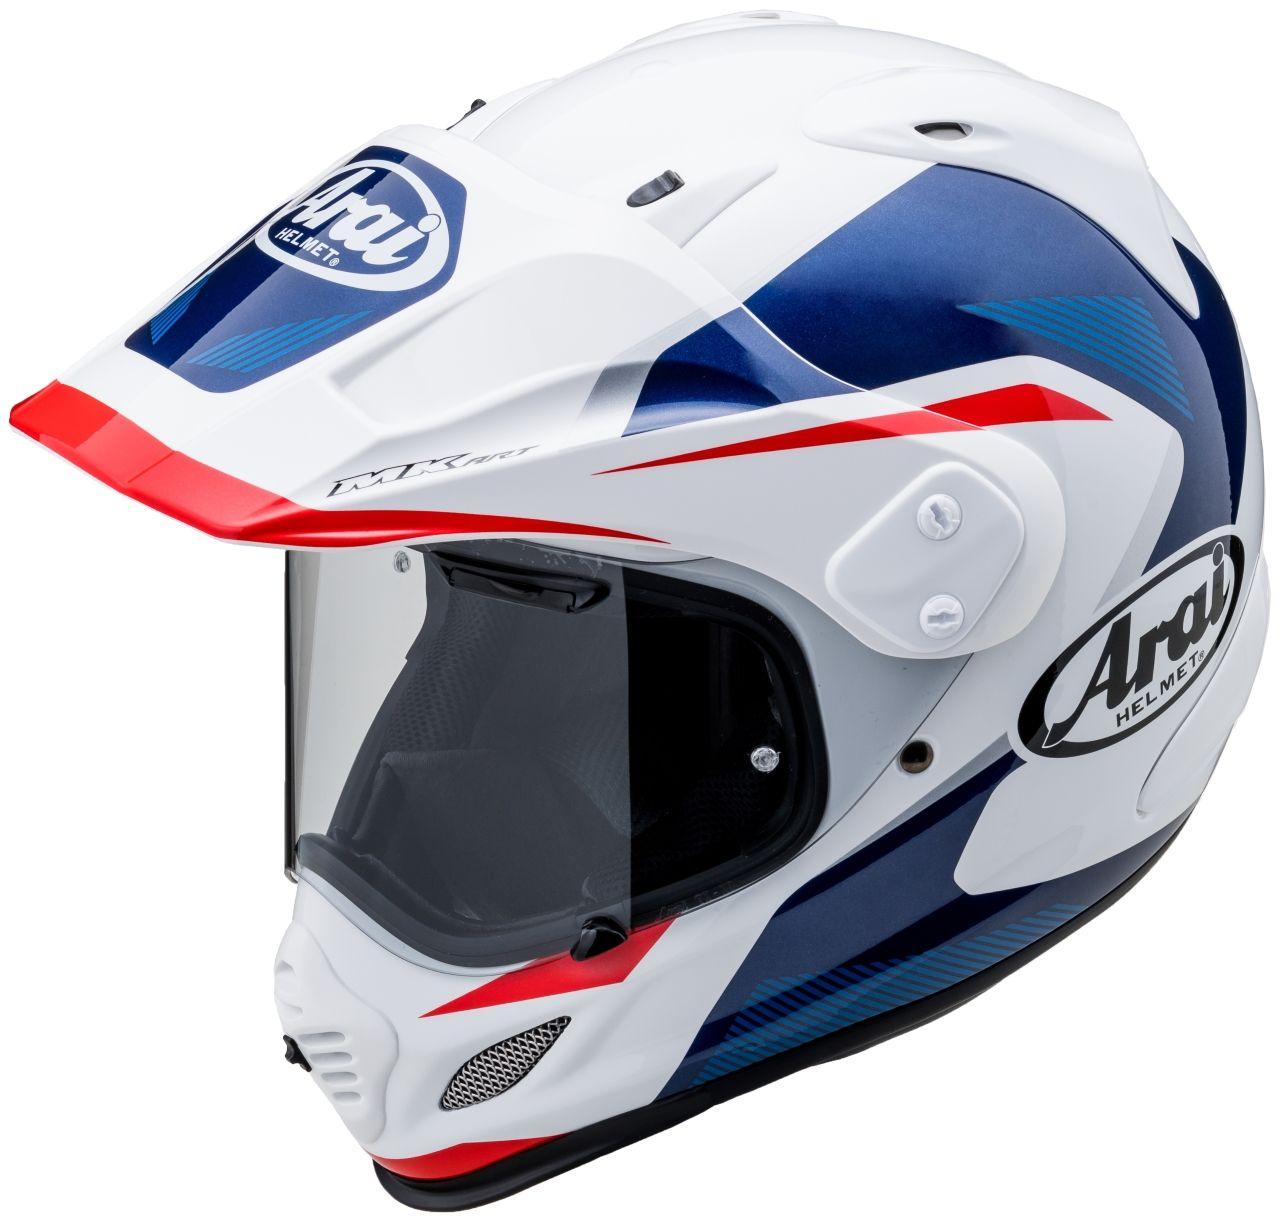 TOUR-CROSS 3 (XD4) BREAK [White/Blue] Helmet